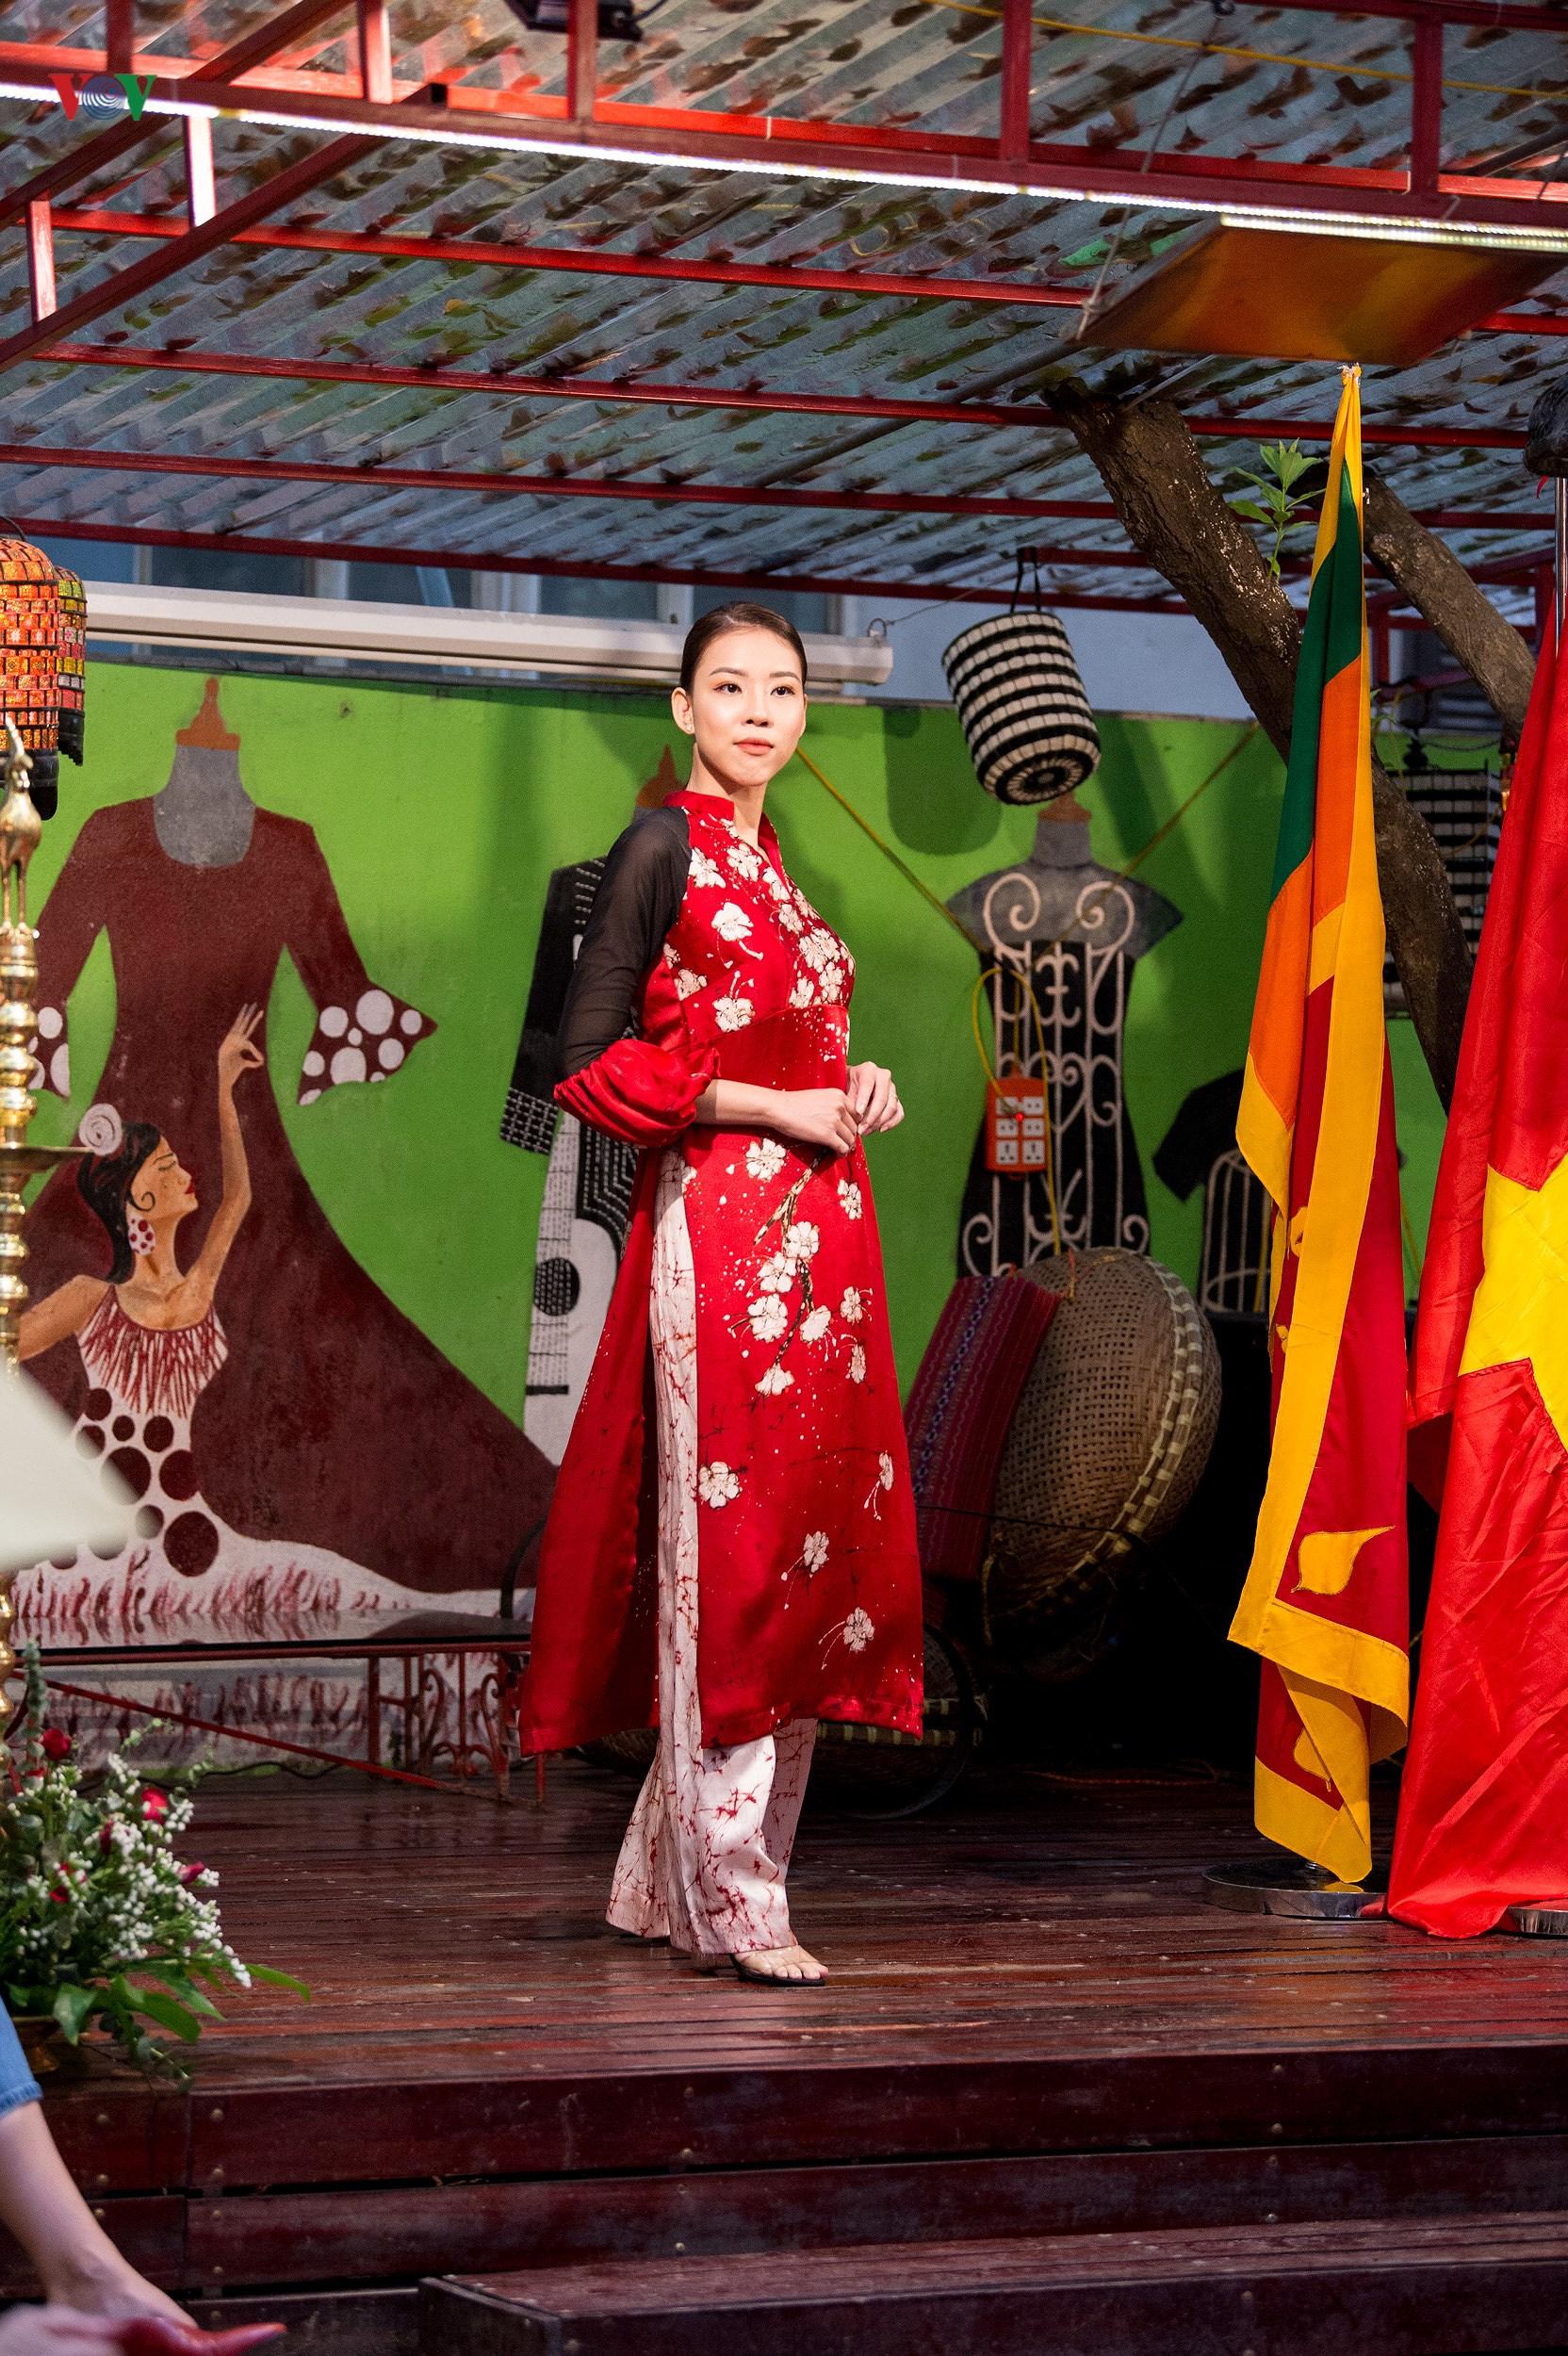 Chiêm ngưỡng bộ sưu tập thời trang đặc sắc của nhà thiết kế Sri Lanka Ảnh 8